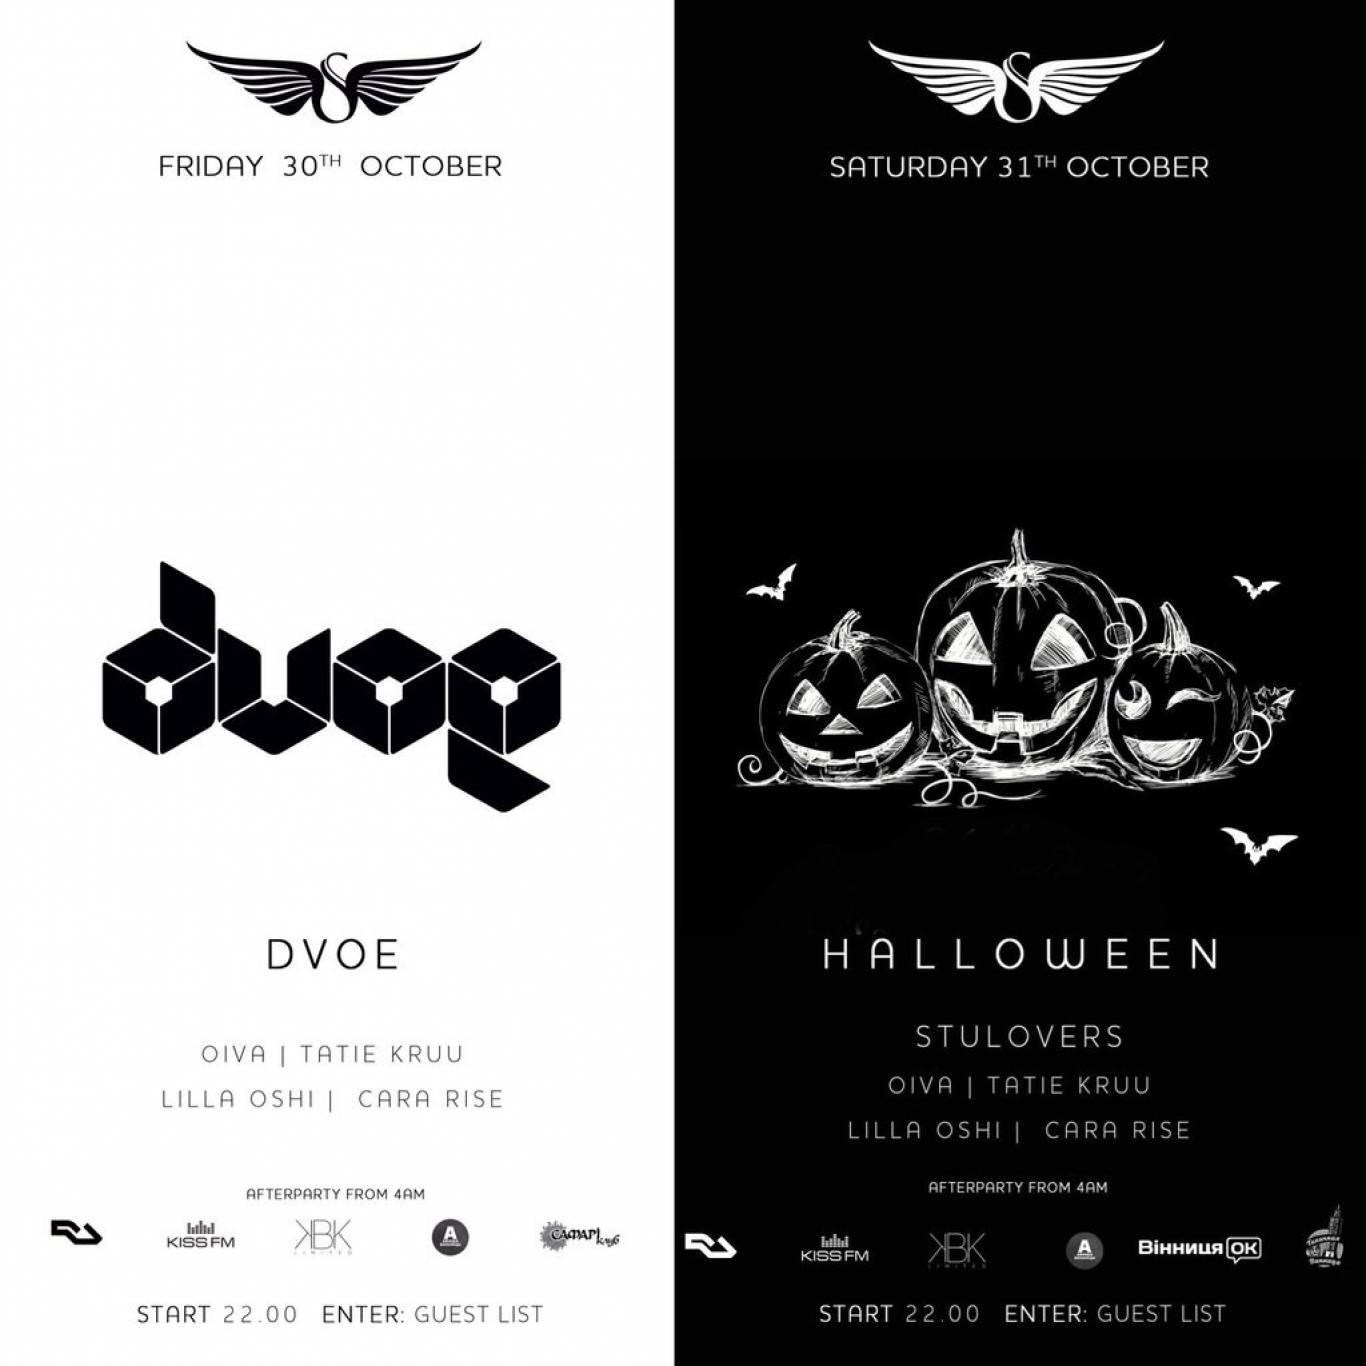 """Музичний проект """"DVOE""""  та """"Stulovers"""" на вечірках у SKYROOM"""